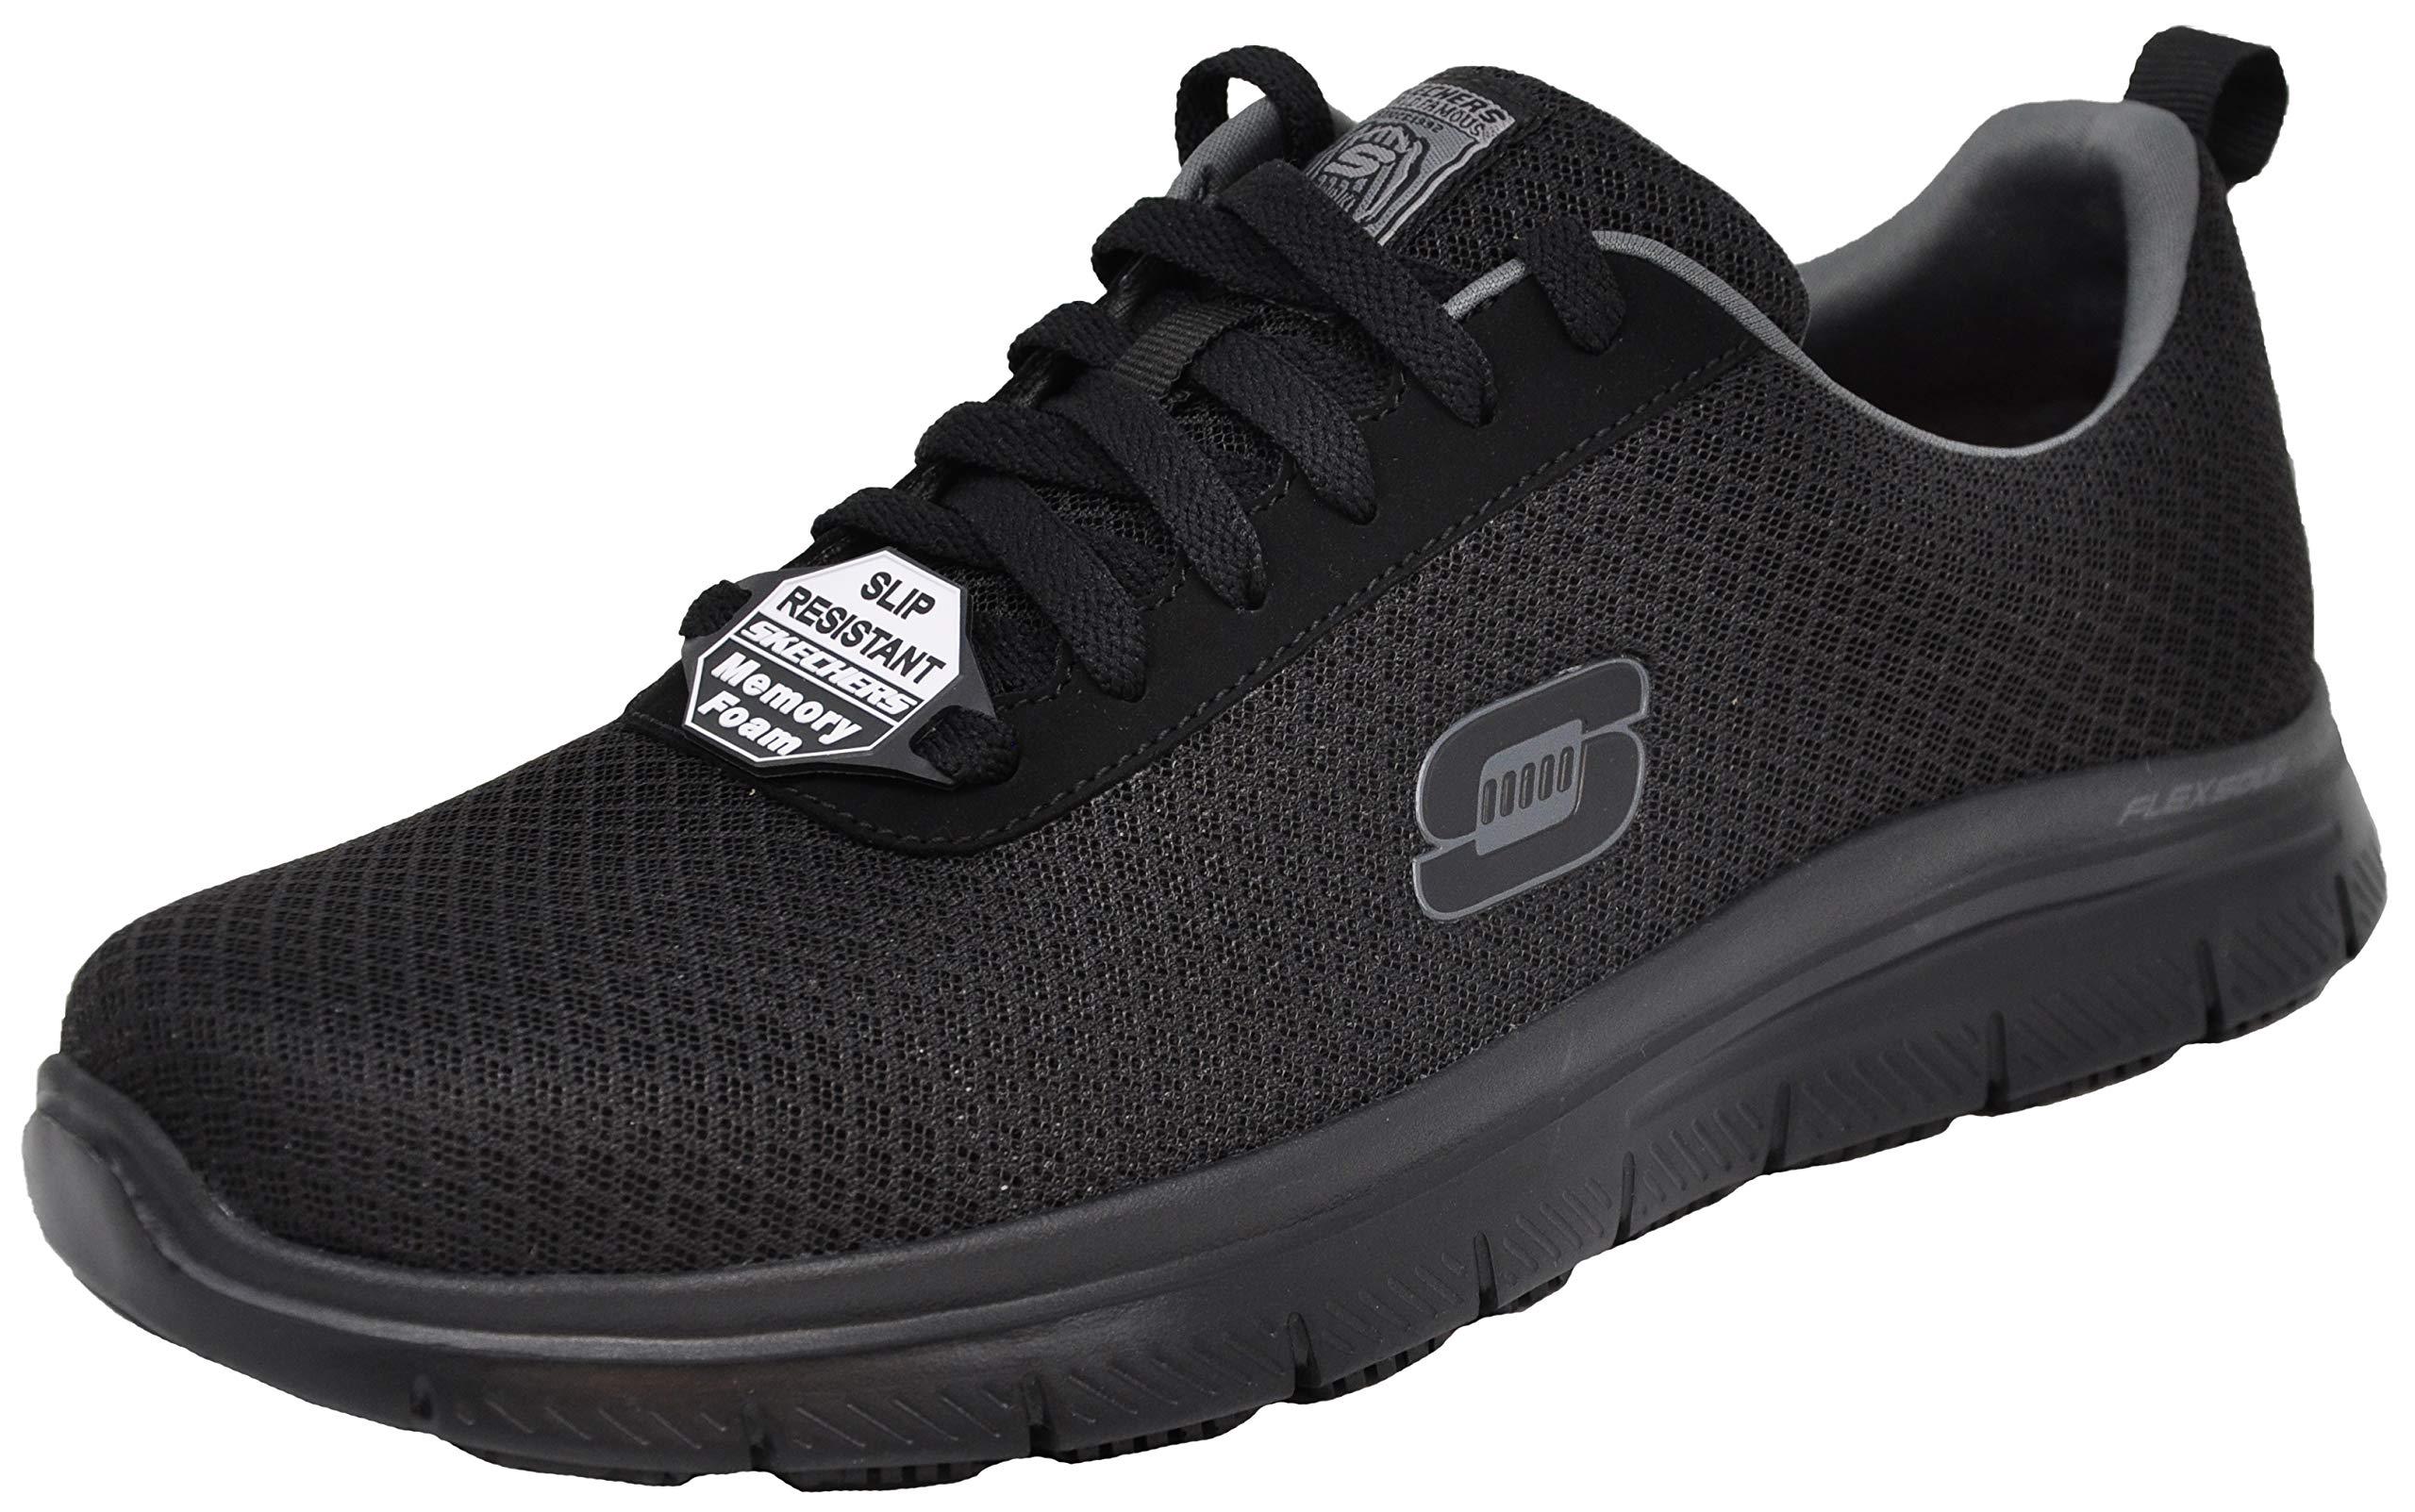 Skechers Men's Flex Advantage Bendon Work Shoe, Black/Charcoal, 11 M US